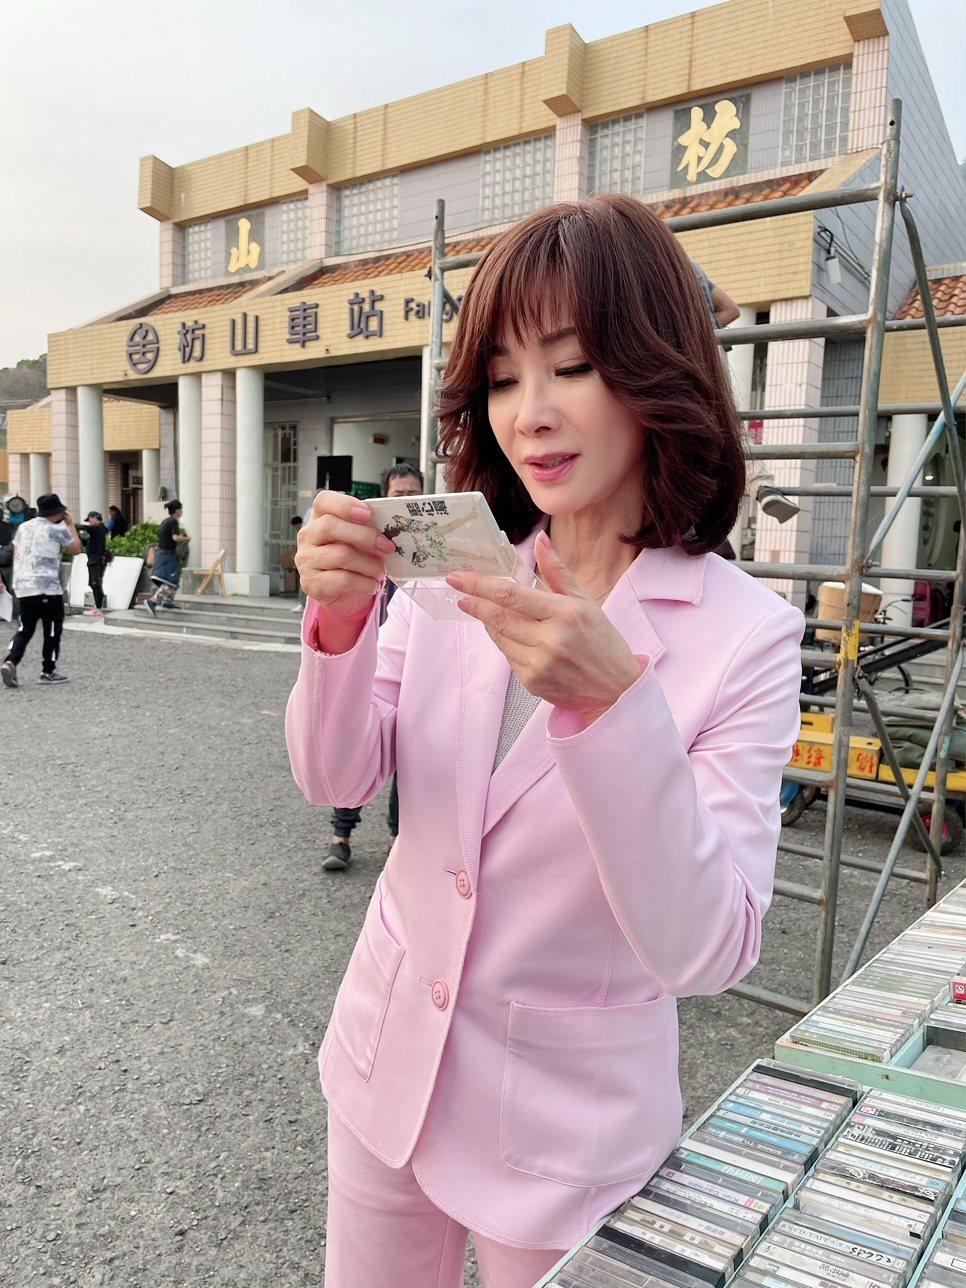 陳美鳳到屏東枋山拍「黃金歲月」,喜見姊妹淘藍心湄的音樂卡帶。圖/民視提供